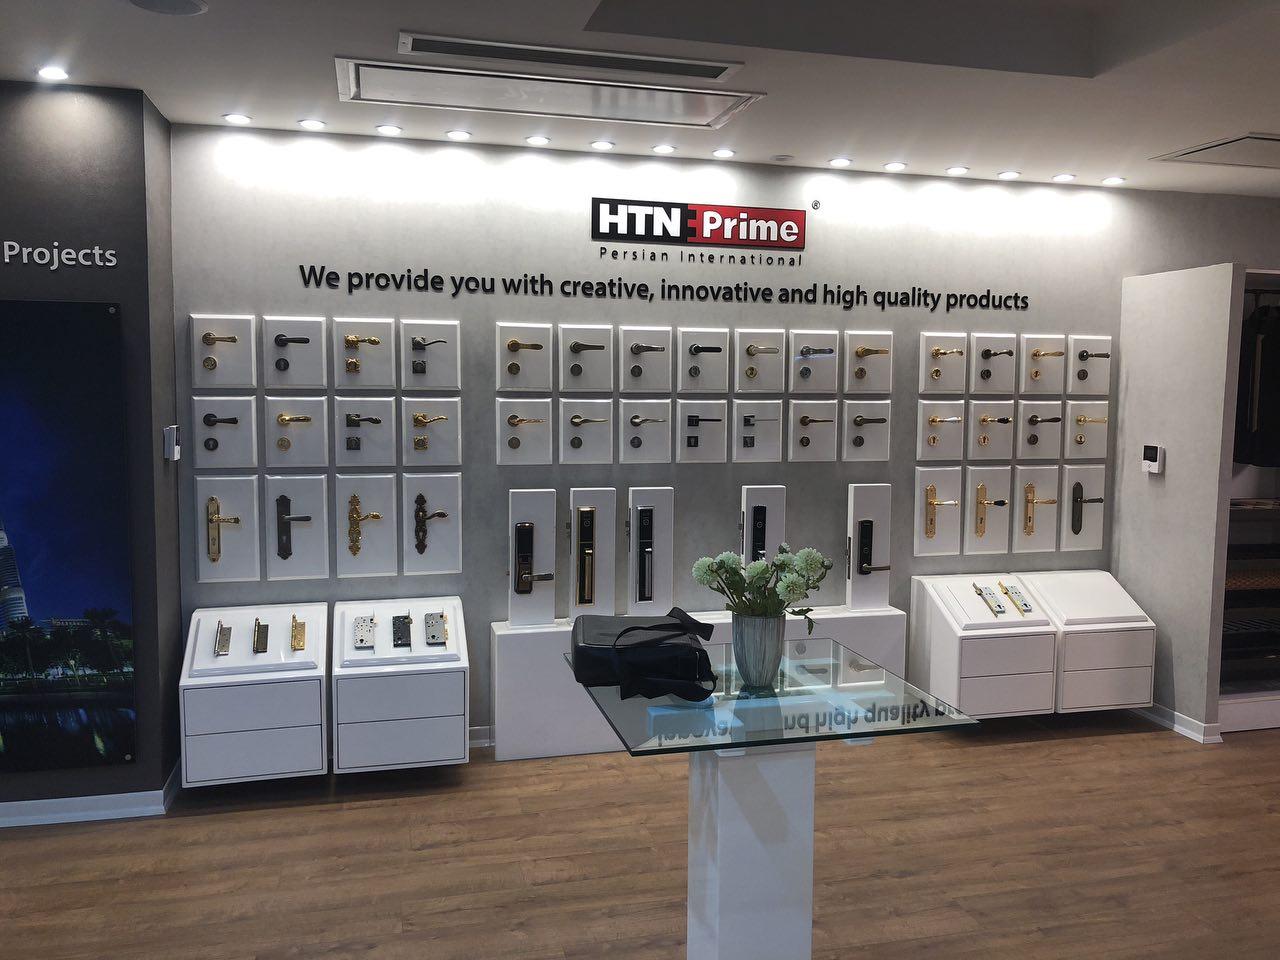 آریا یراق صنعت   فروشگاه قفل ، دستگیره ، HTN Prime ، تجهیزات کابینت